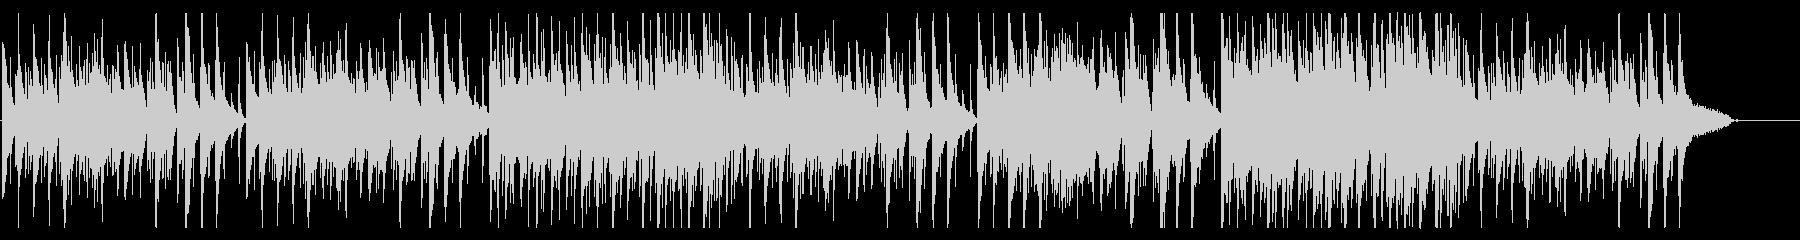 落ち着いたオールドジャズ風BGMの未再生の波形